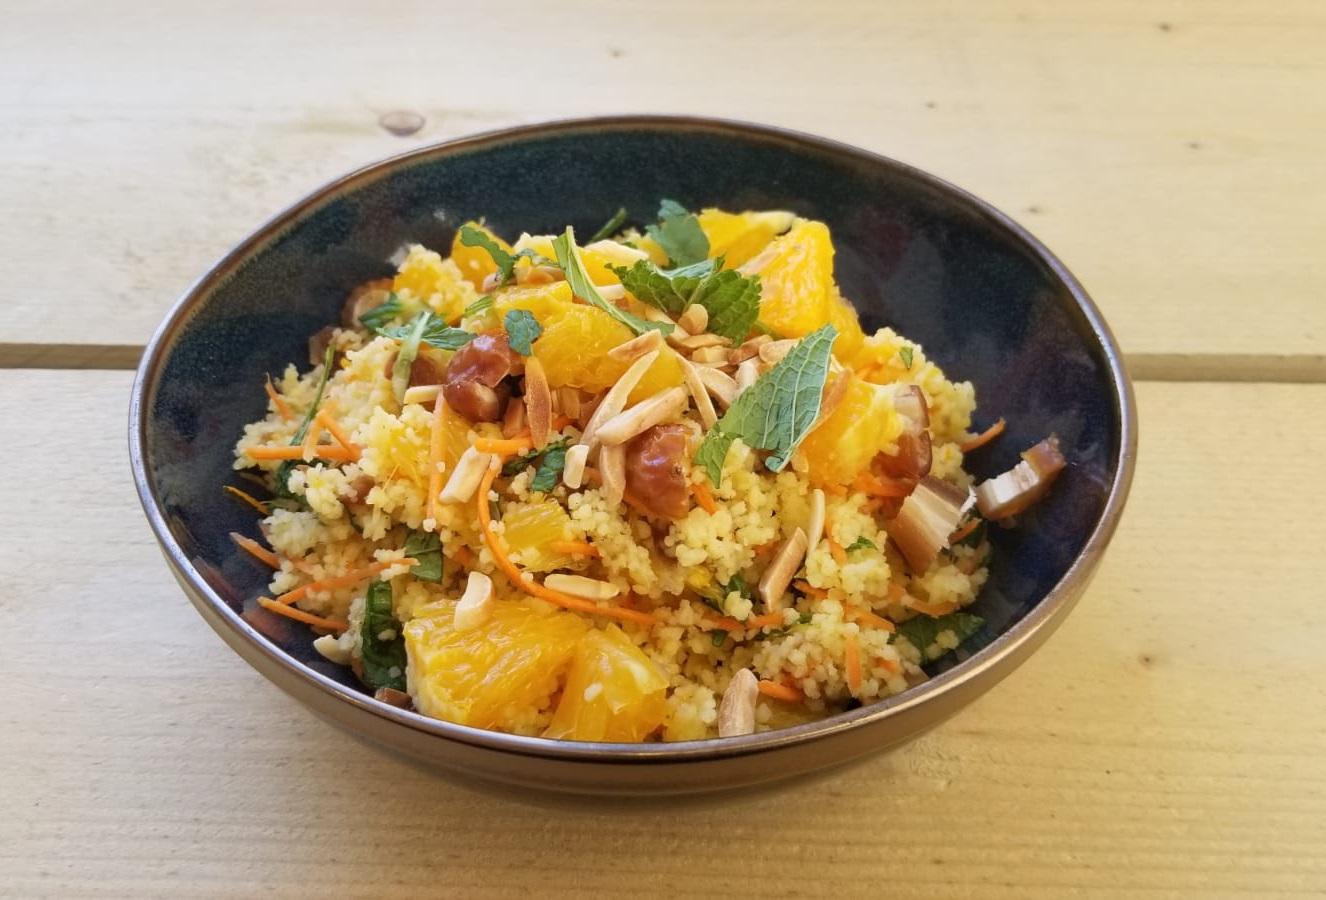 Vegan couscous salade recept met sinaasappel en dadels